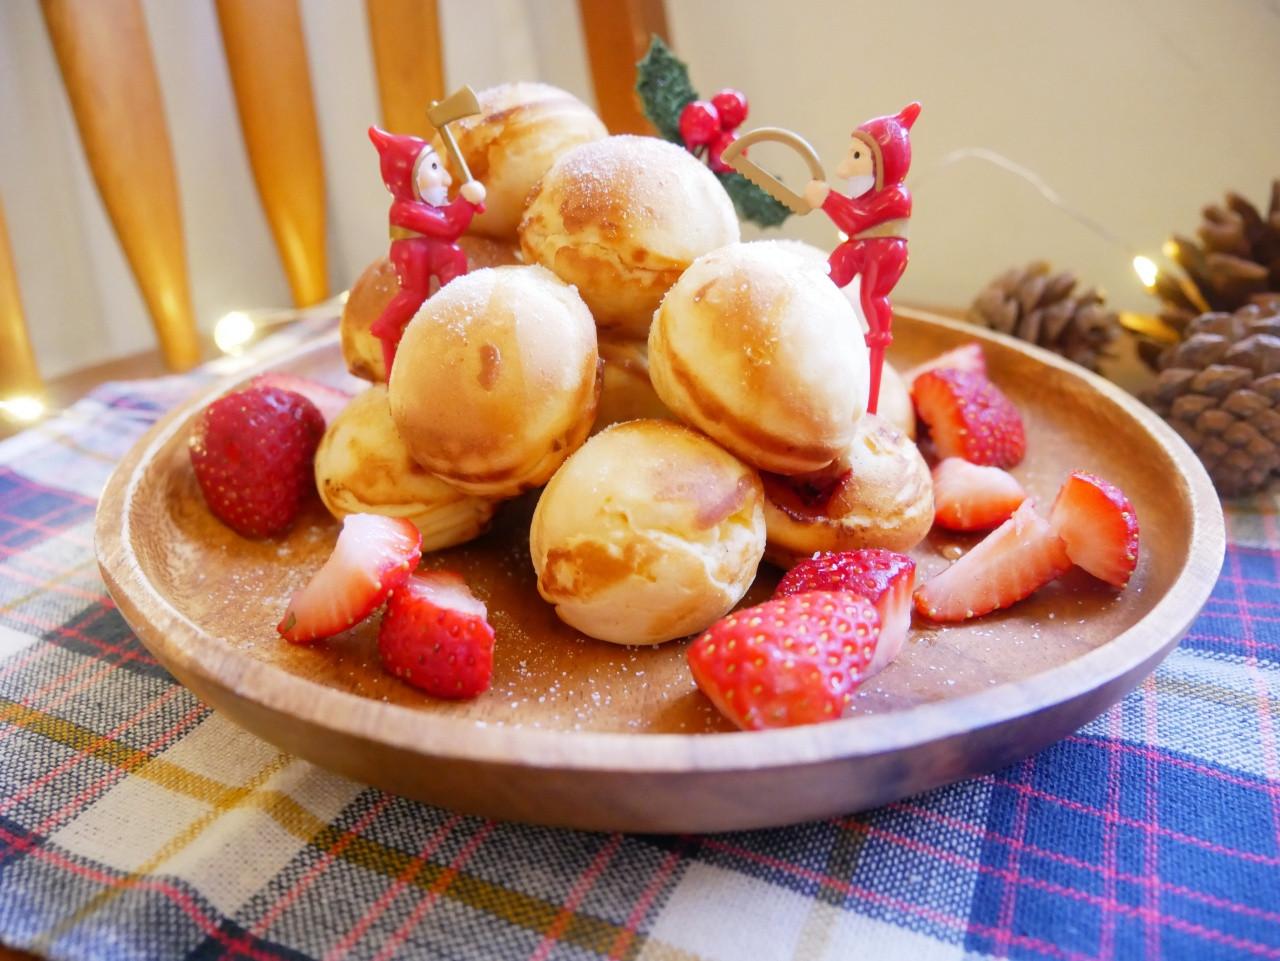 圓滾滾「草莓鬆餅球」口感外脆、內酸甜。